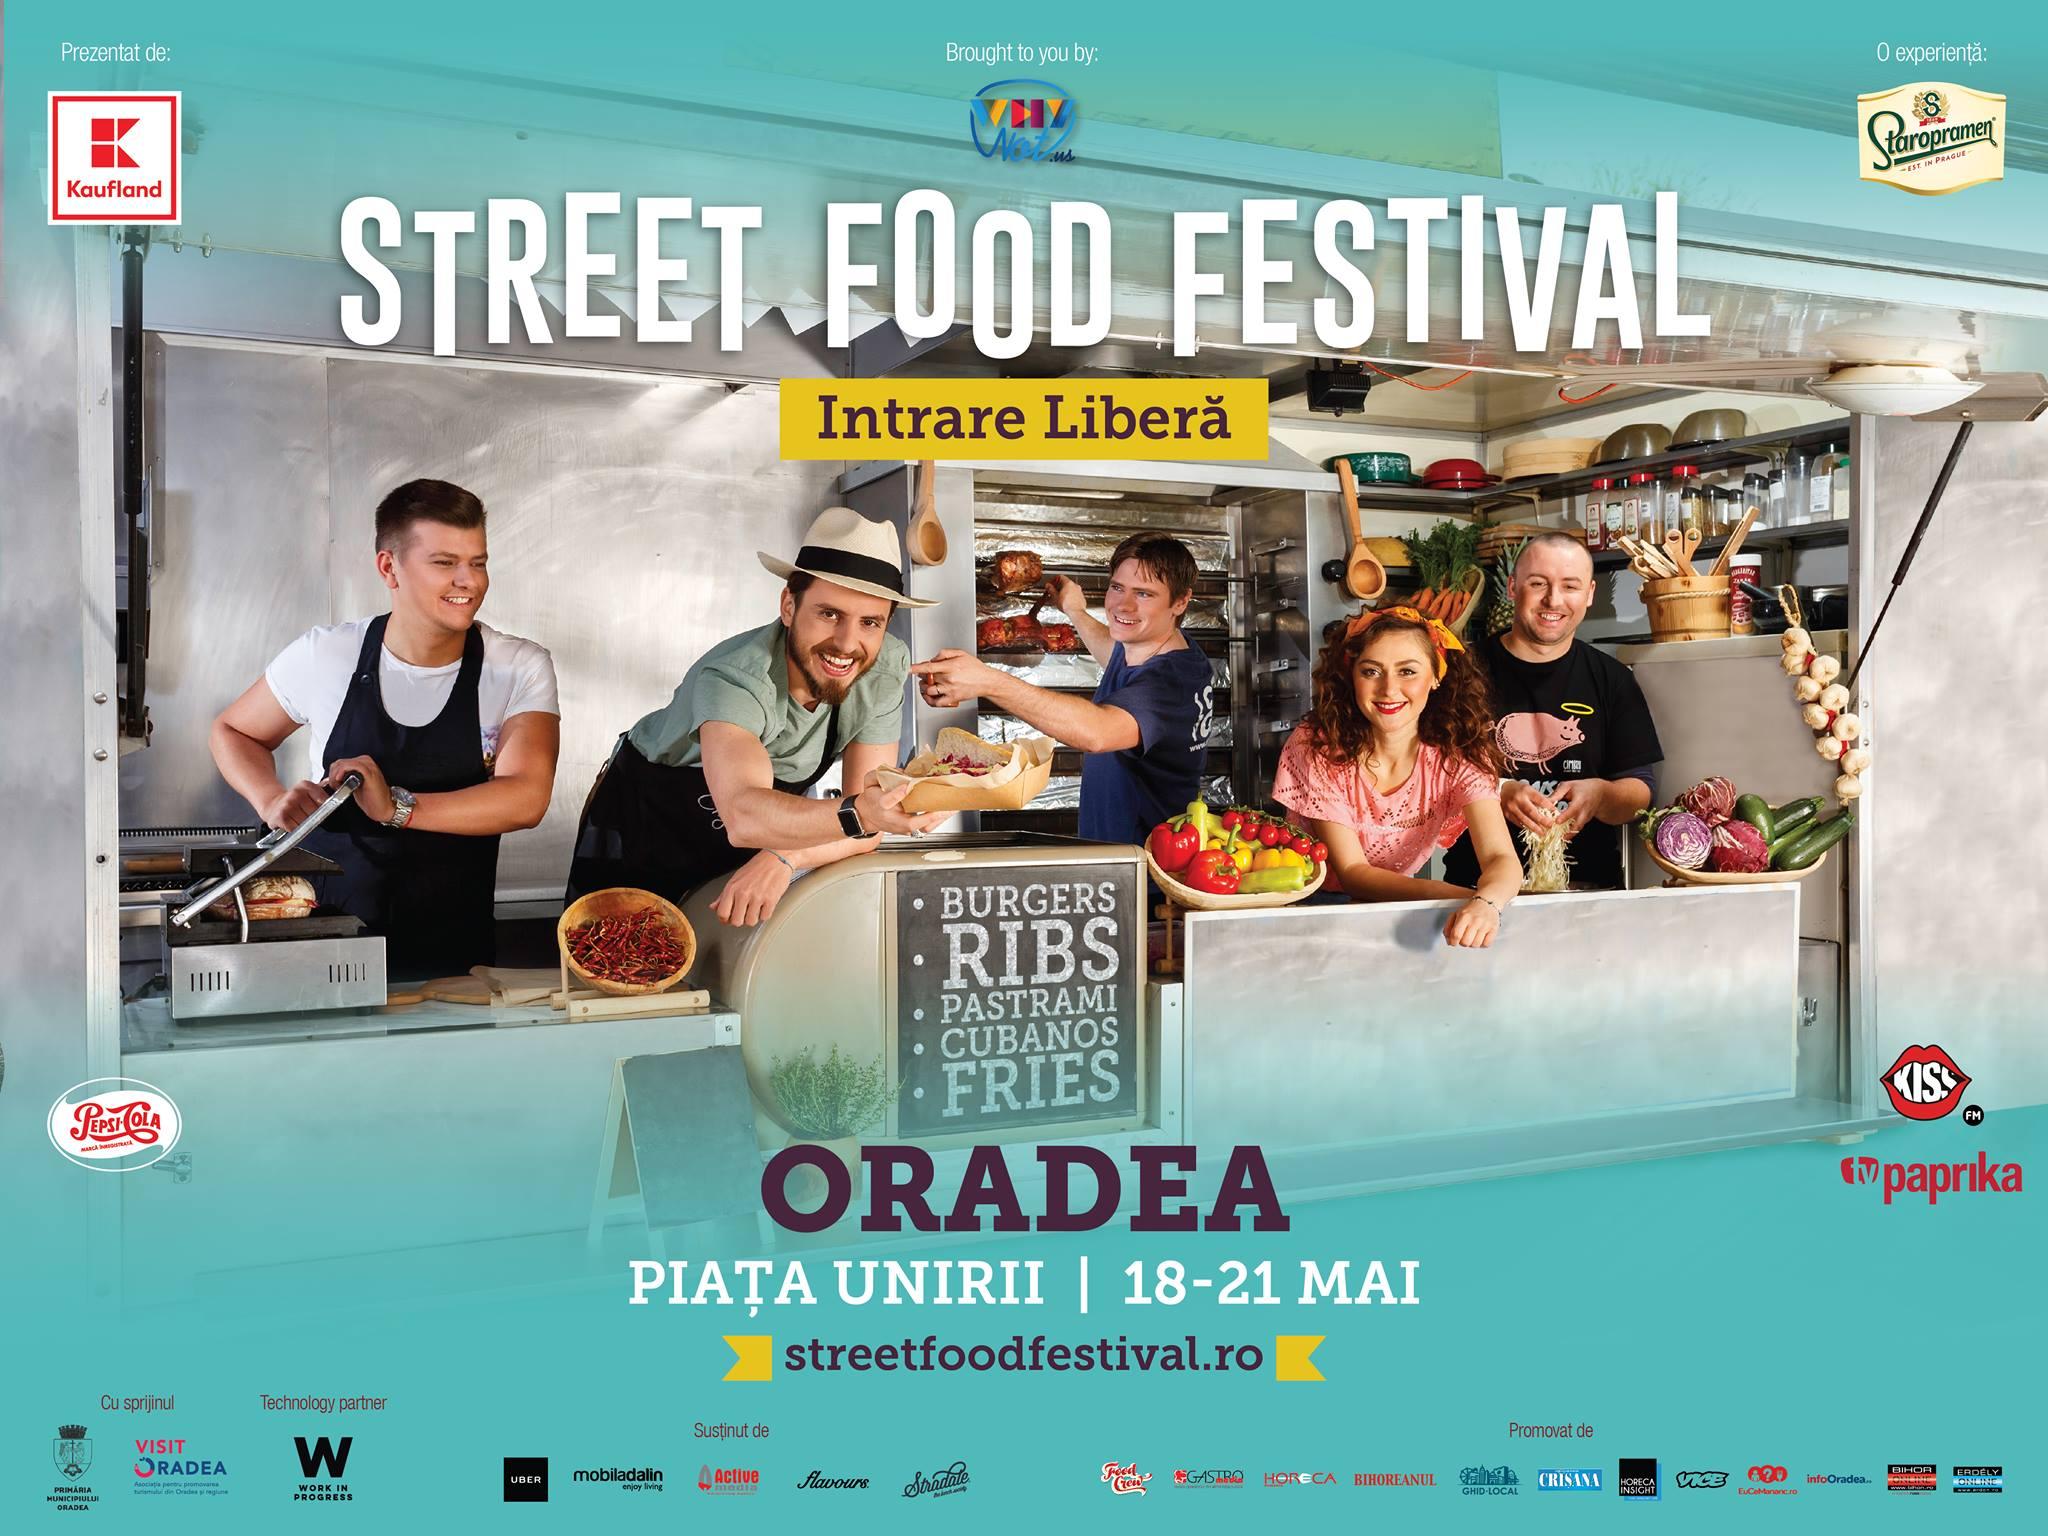 Street Food Festival Oradea 2017 - 18-21 mai Piata Unirii